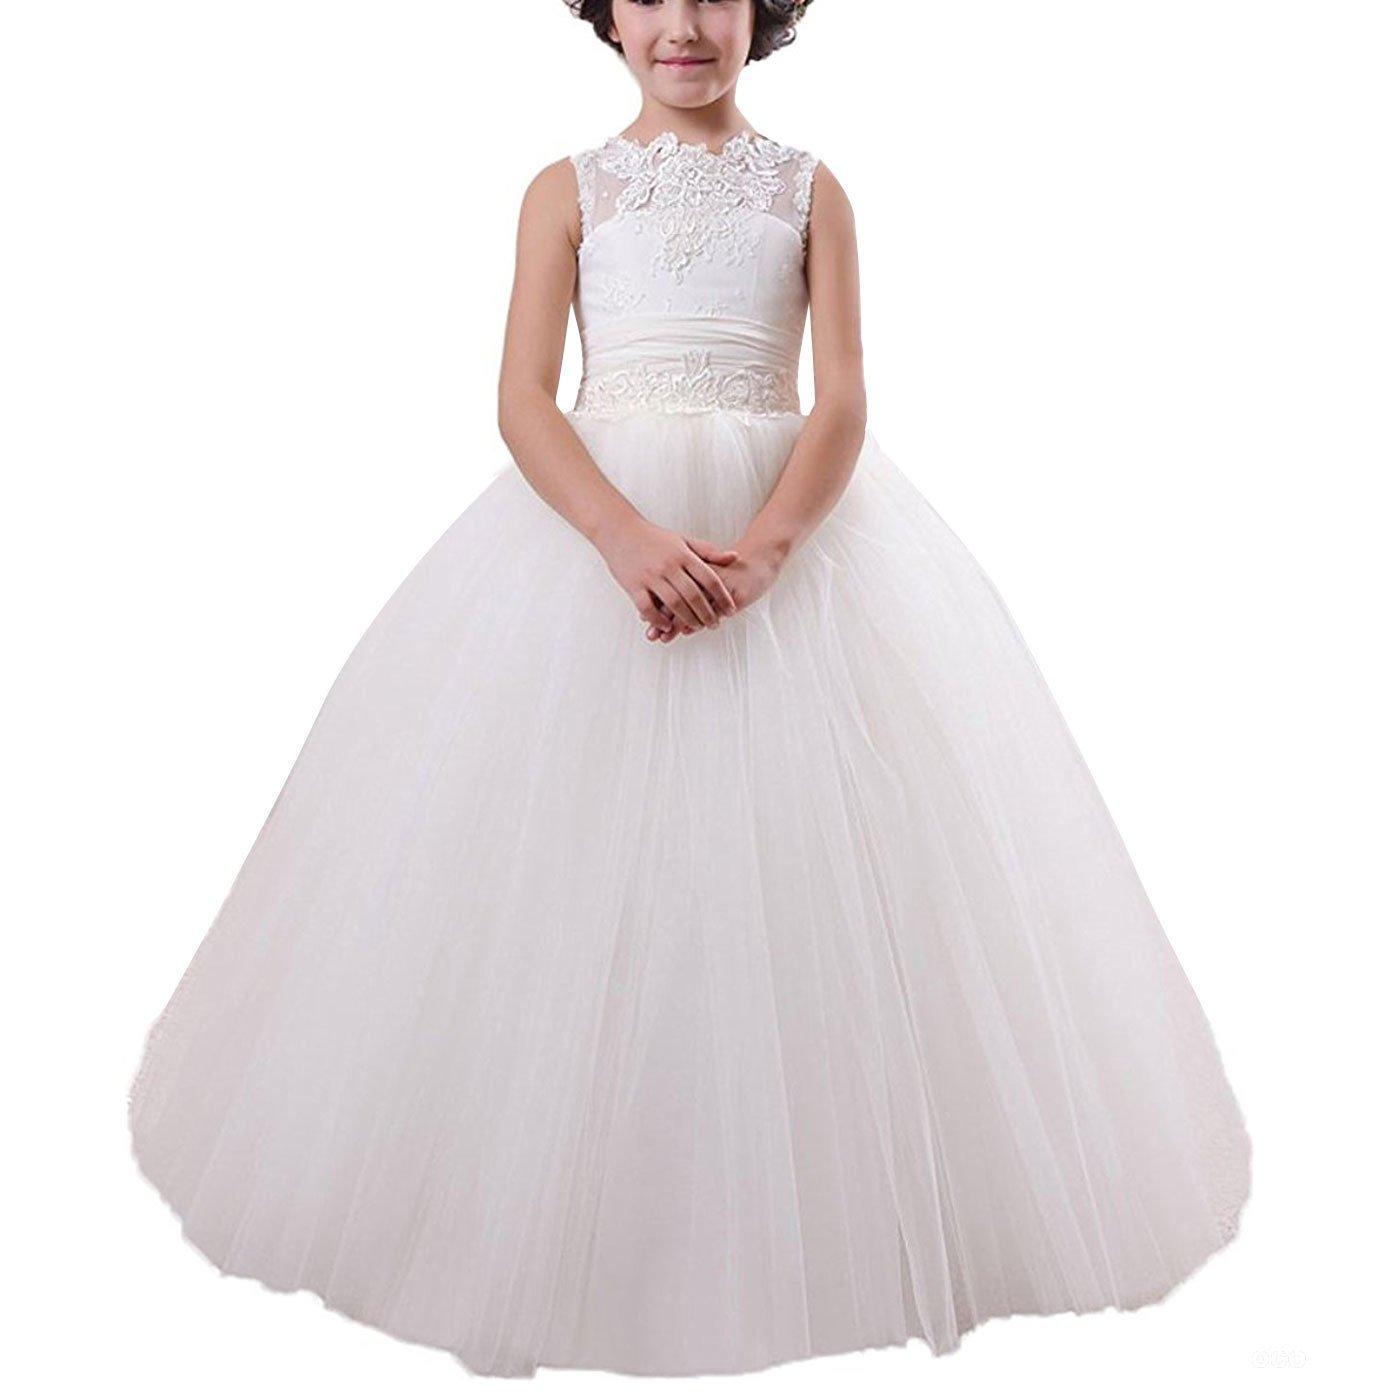 45d2283c58 Where To Buy Modern Flower Girl Dresses - Gomes Weine AG